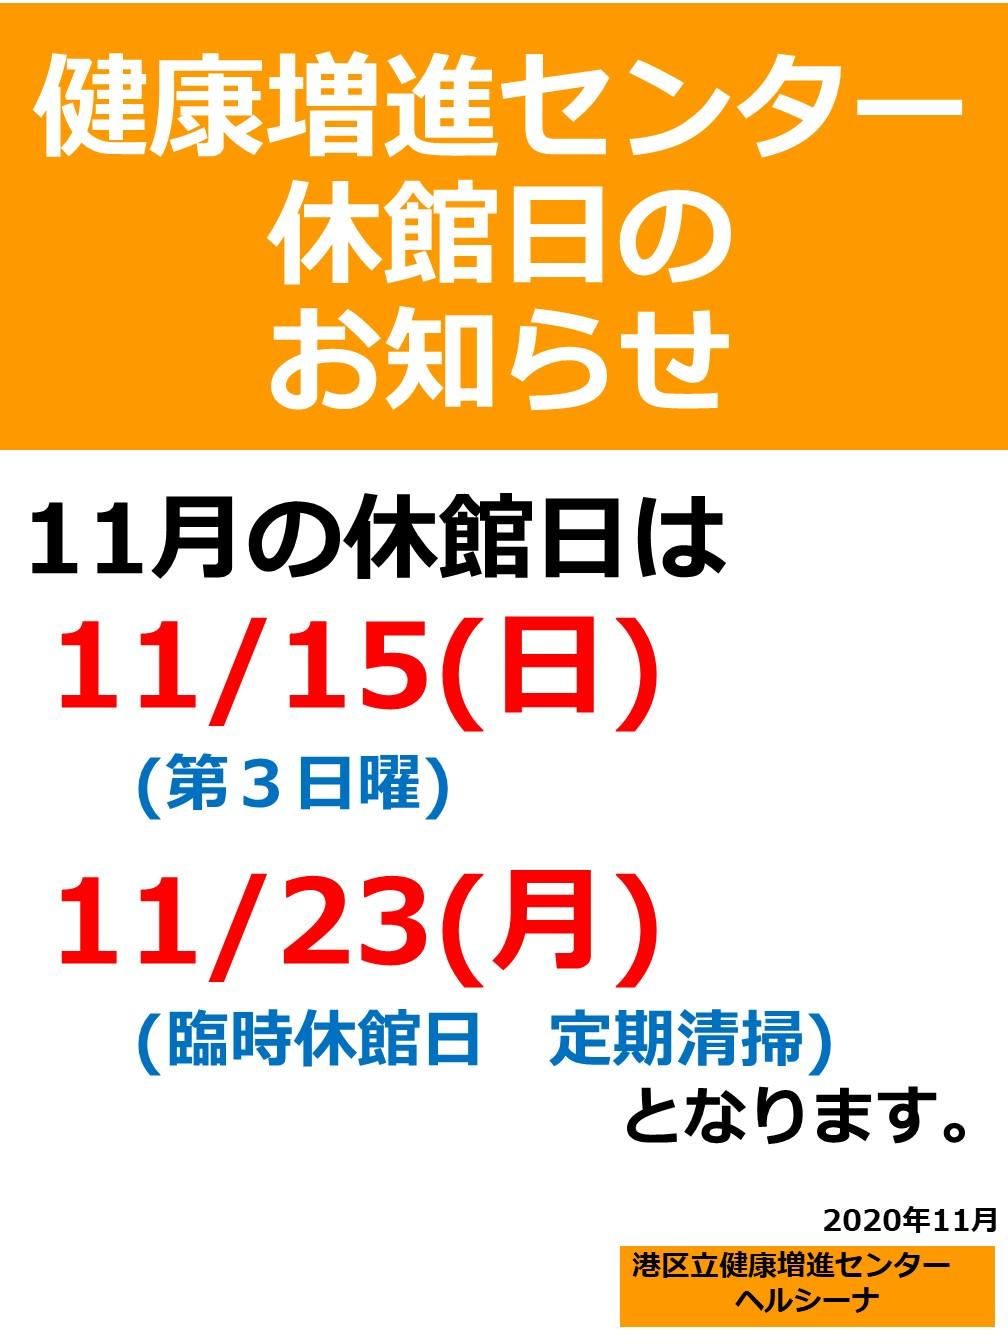 (掲示)(施設)休館日のおしらせ202011.jpg